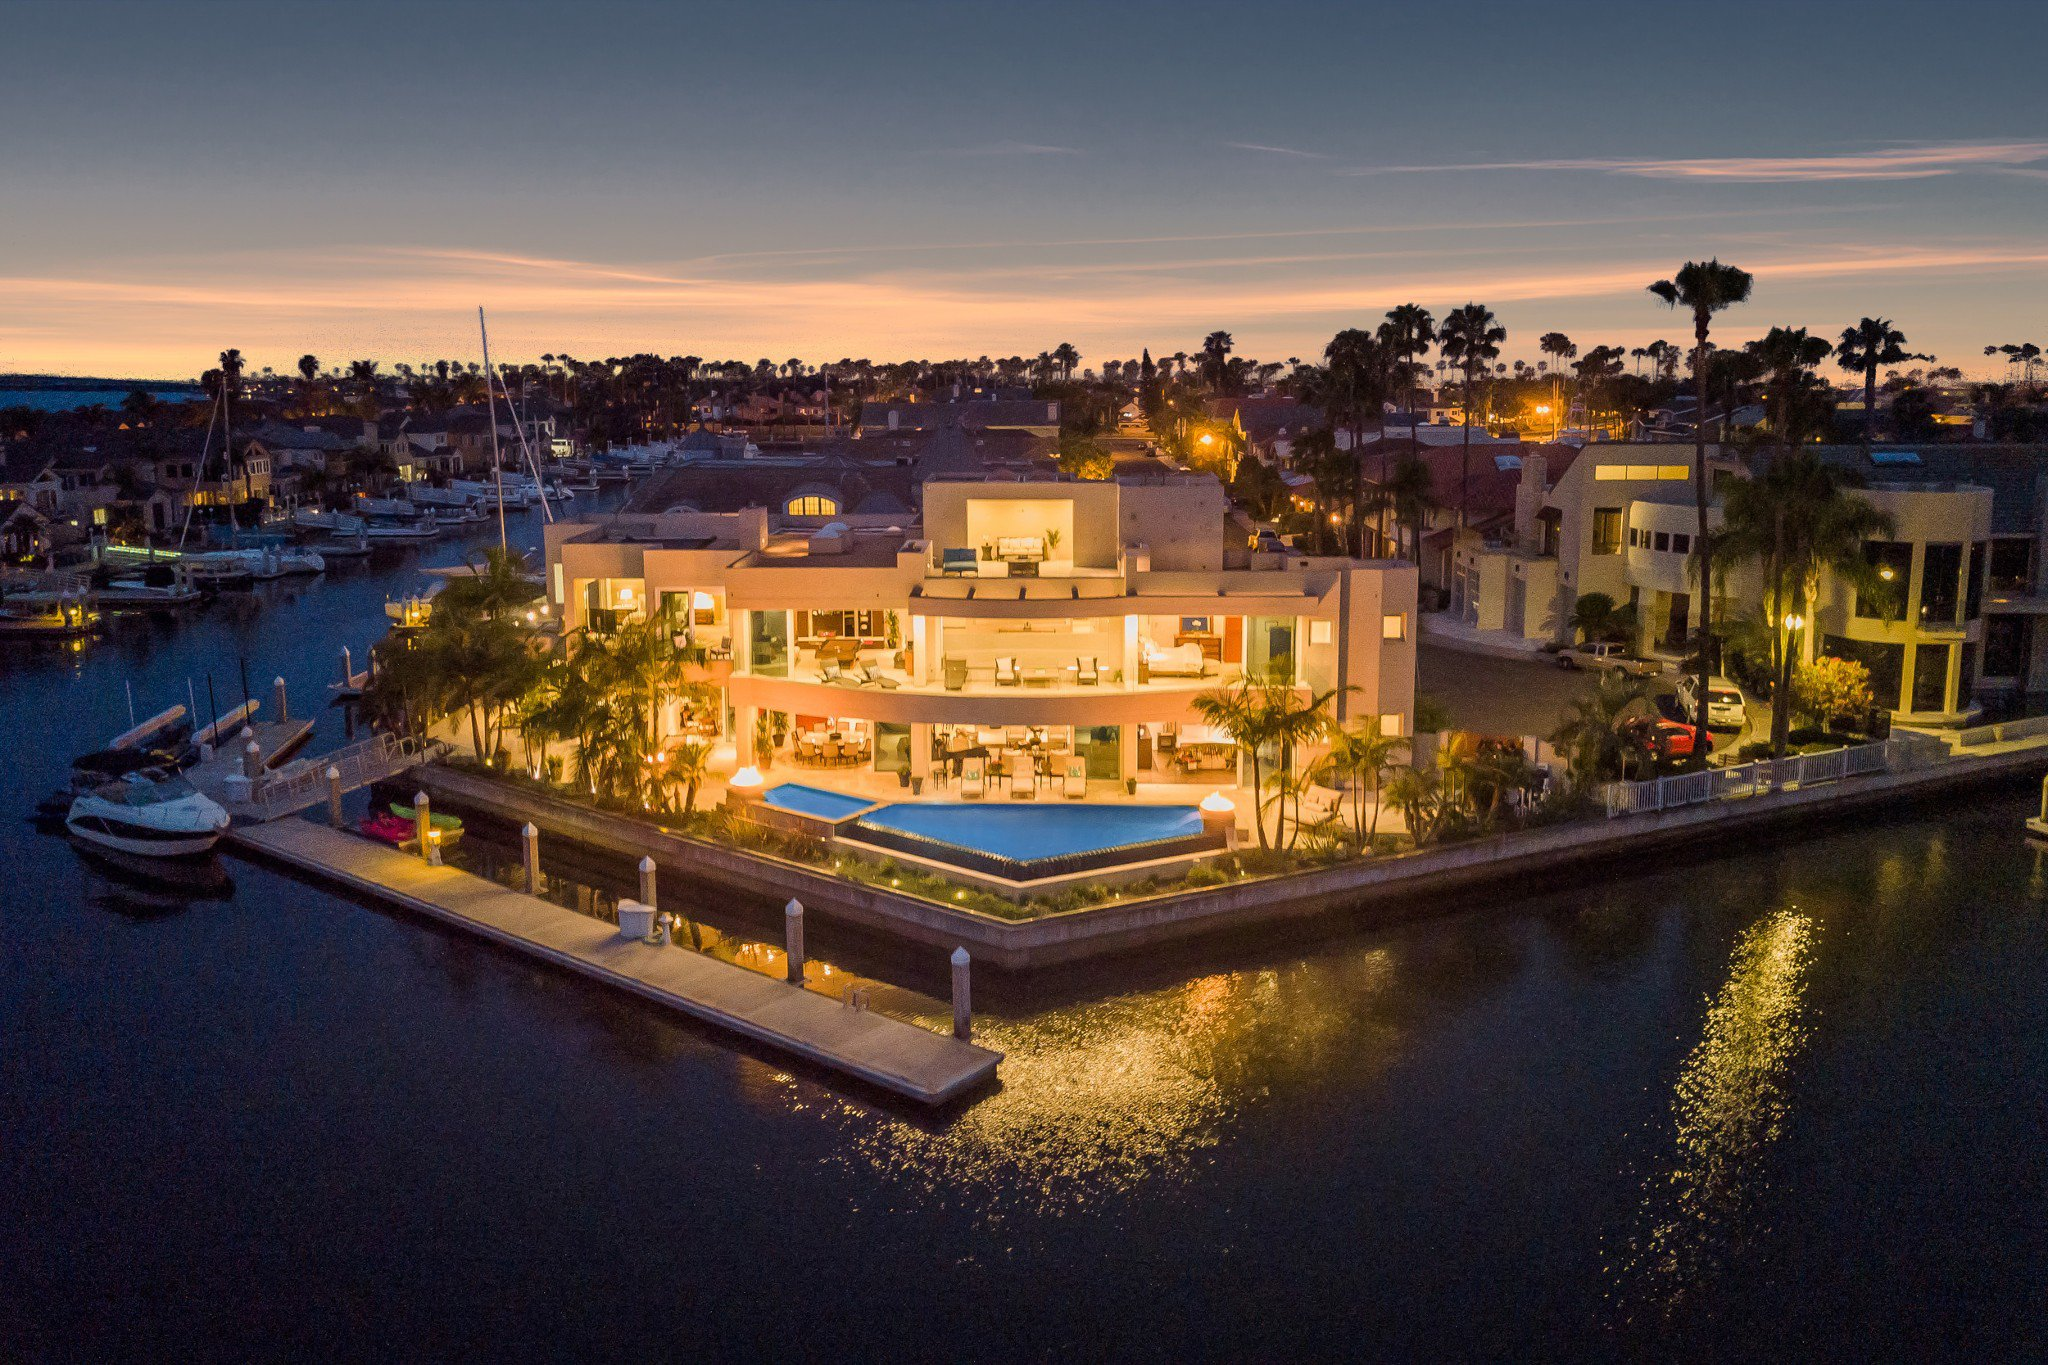 Main Photo: House for sale (9,169)  : 6 bedrooms : 1 Buccaneer Way in Coronado